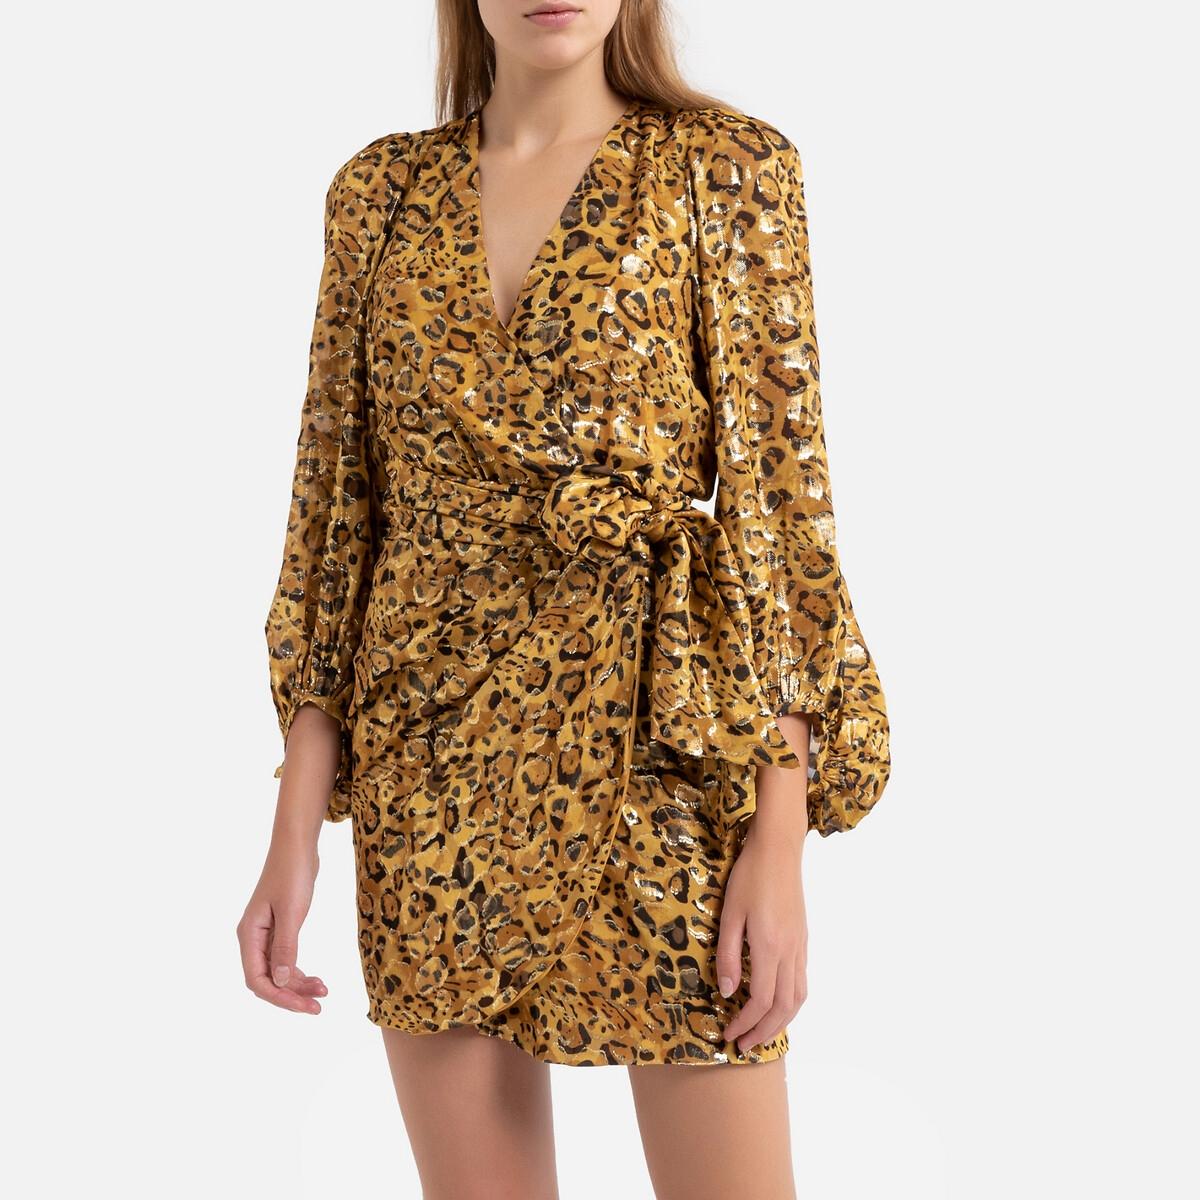 цена Платье La Redoute Короткое с длинными рукавами GINGER 2(M) каштановый онлайн в 2017 году